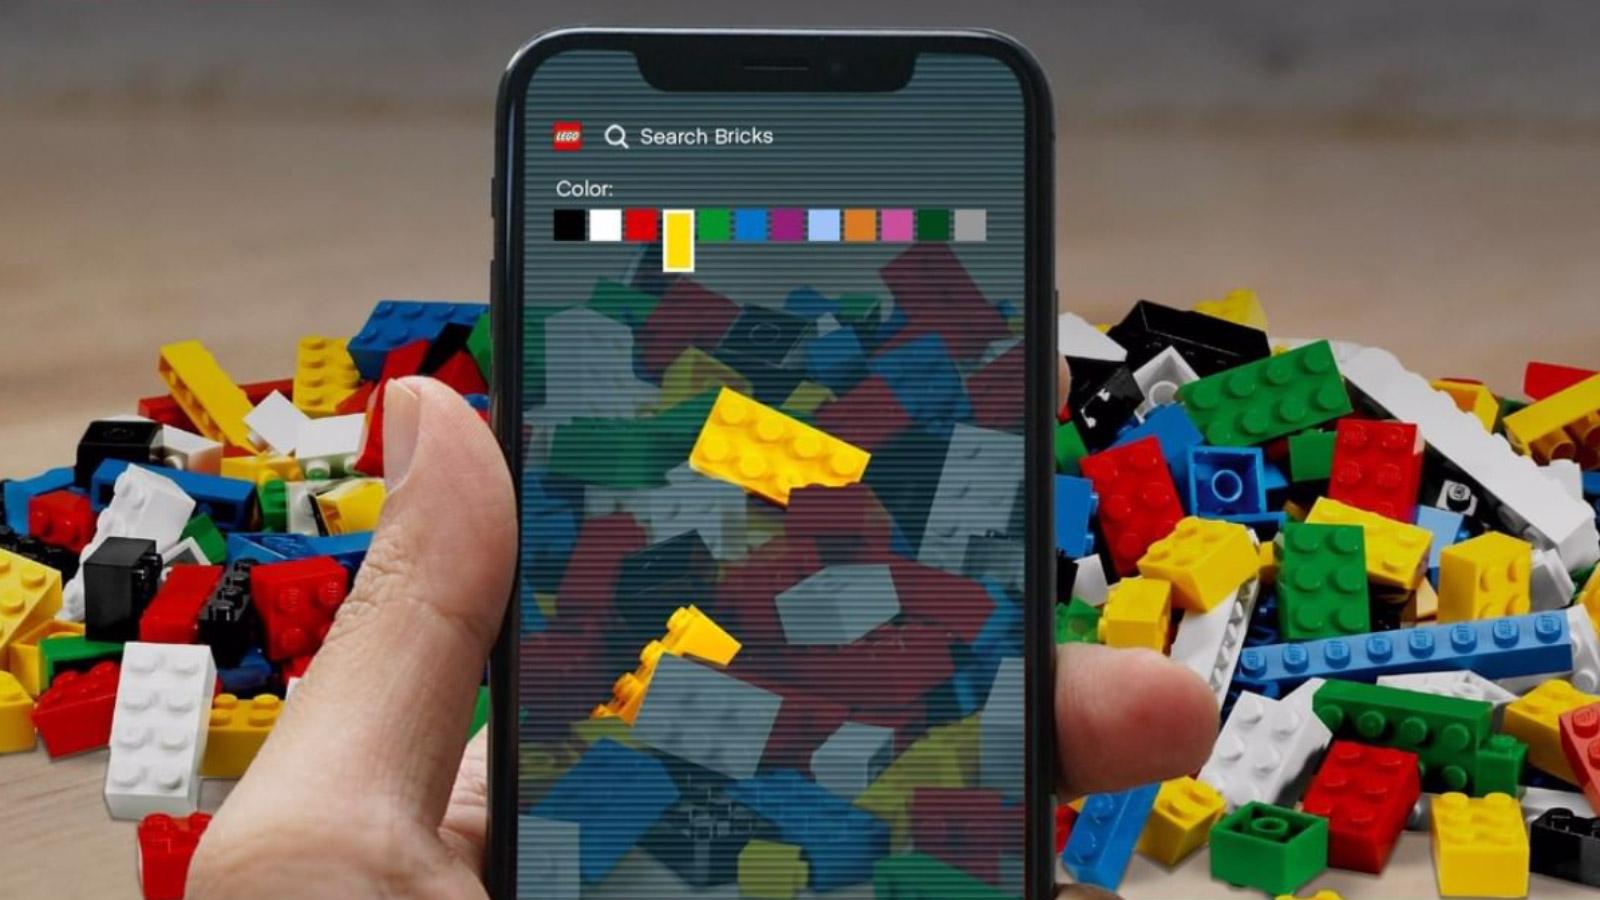 LEGO rozstrzygnęło przetarg w Polsce Lego mediarun lego telefon 2019